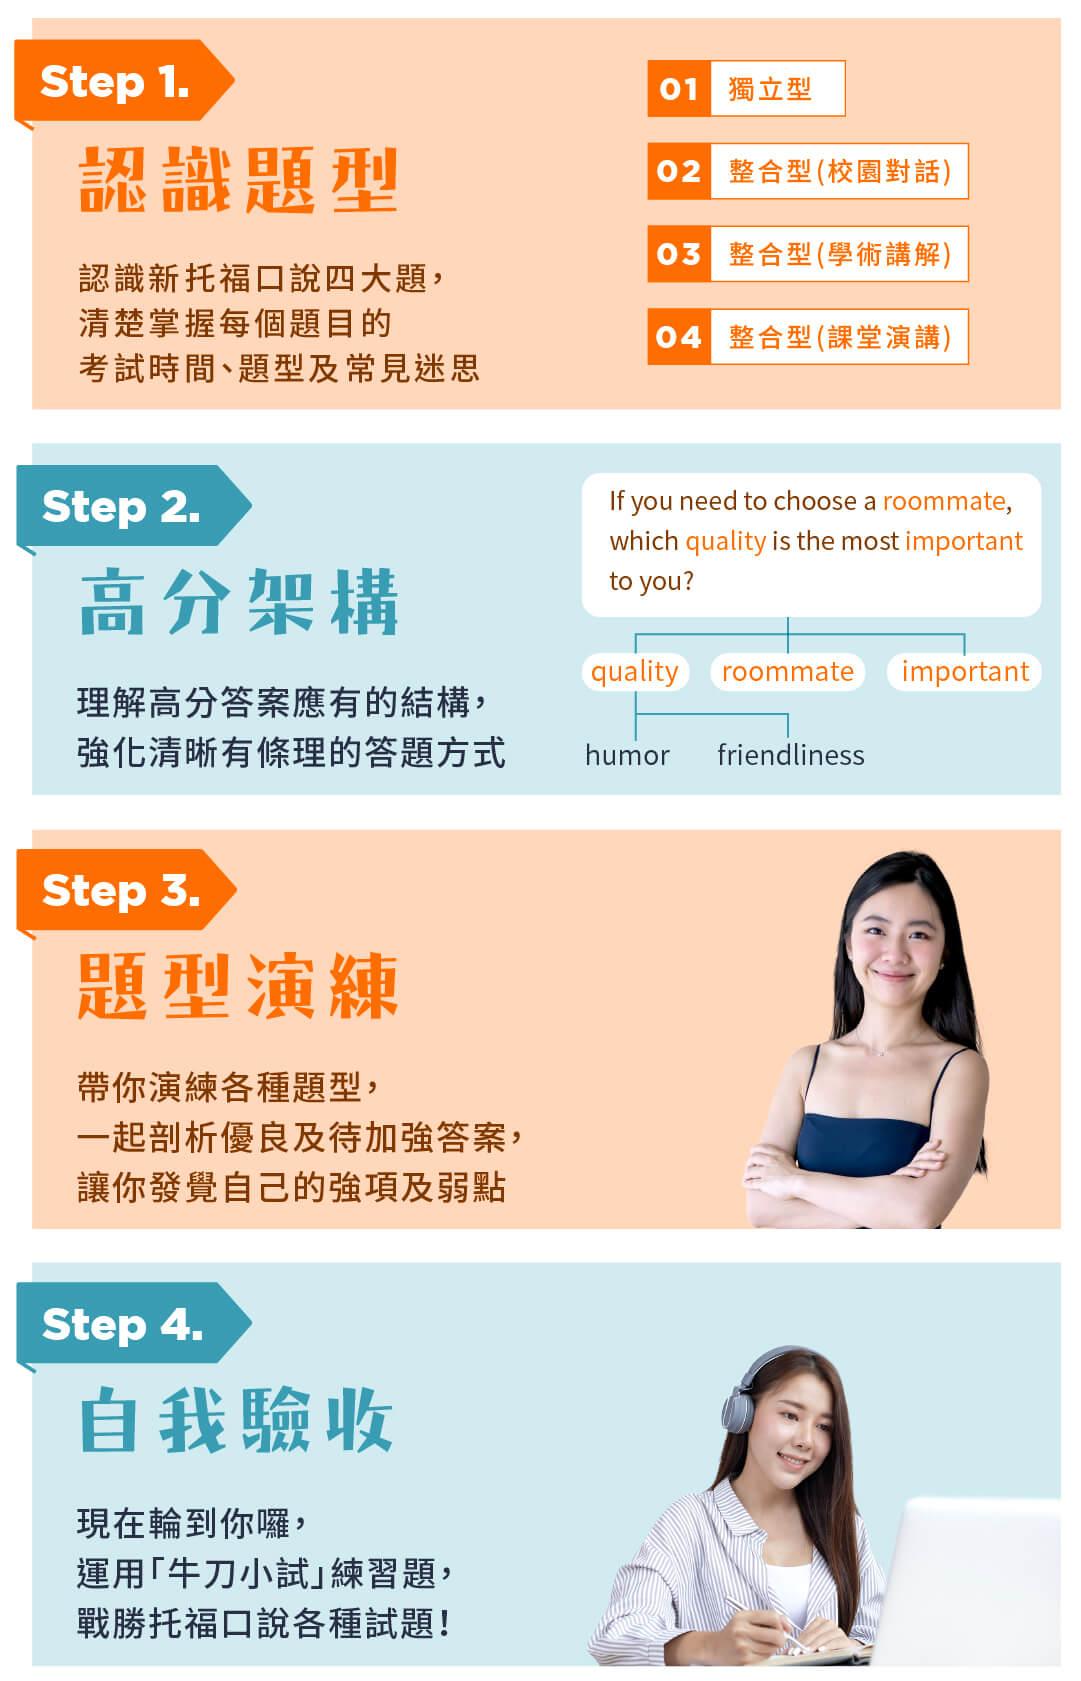 Cana 新制托福口試|備考攻略 - 托福口說四步驟學習法